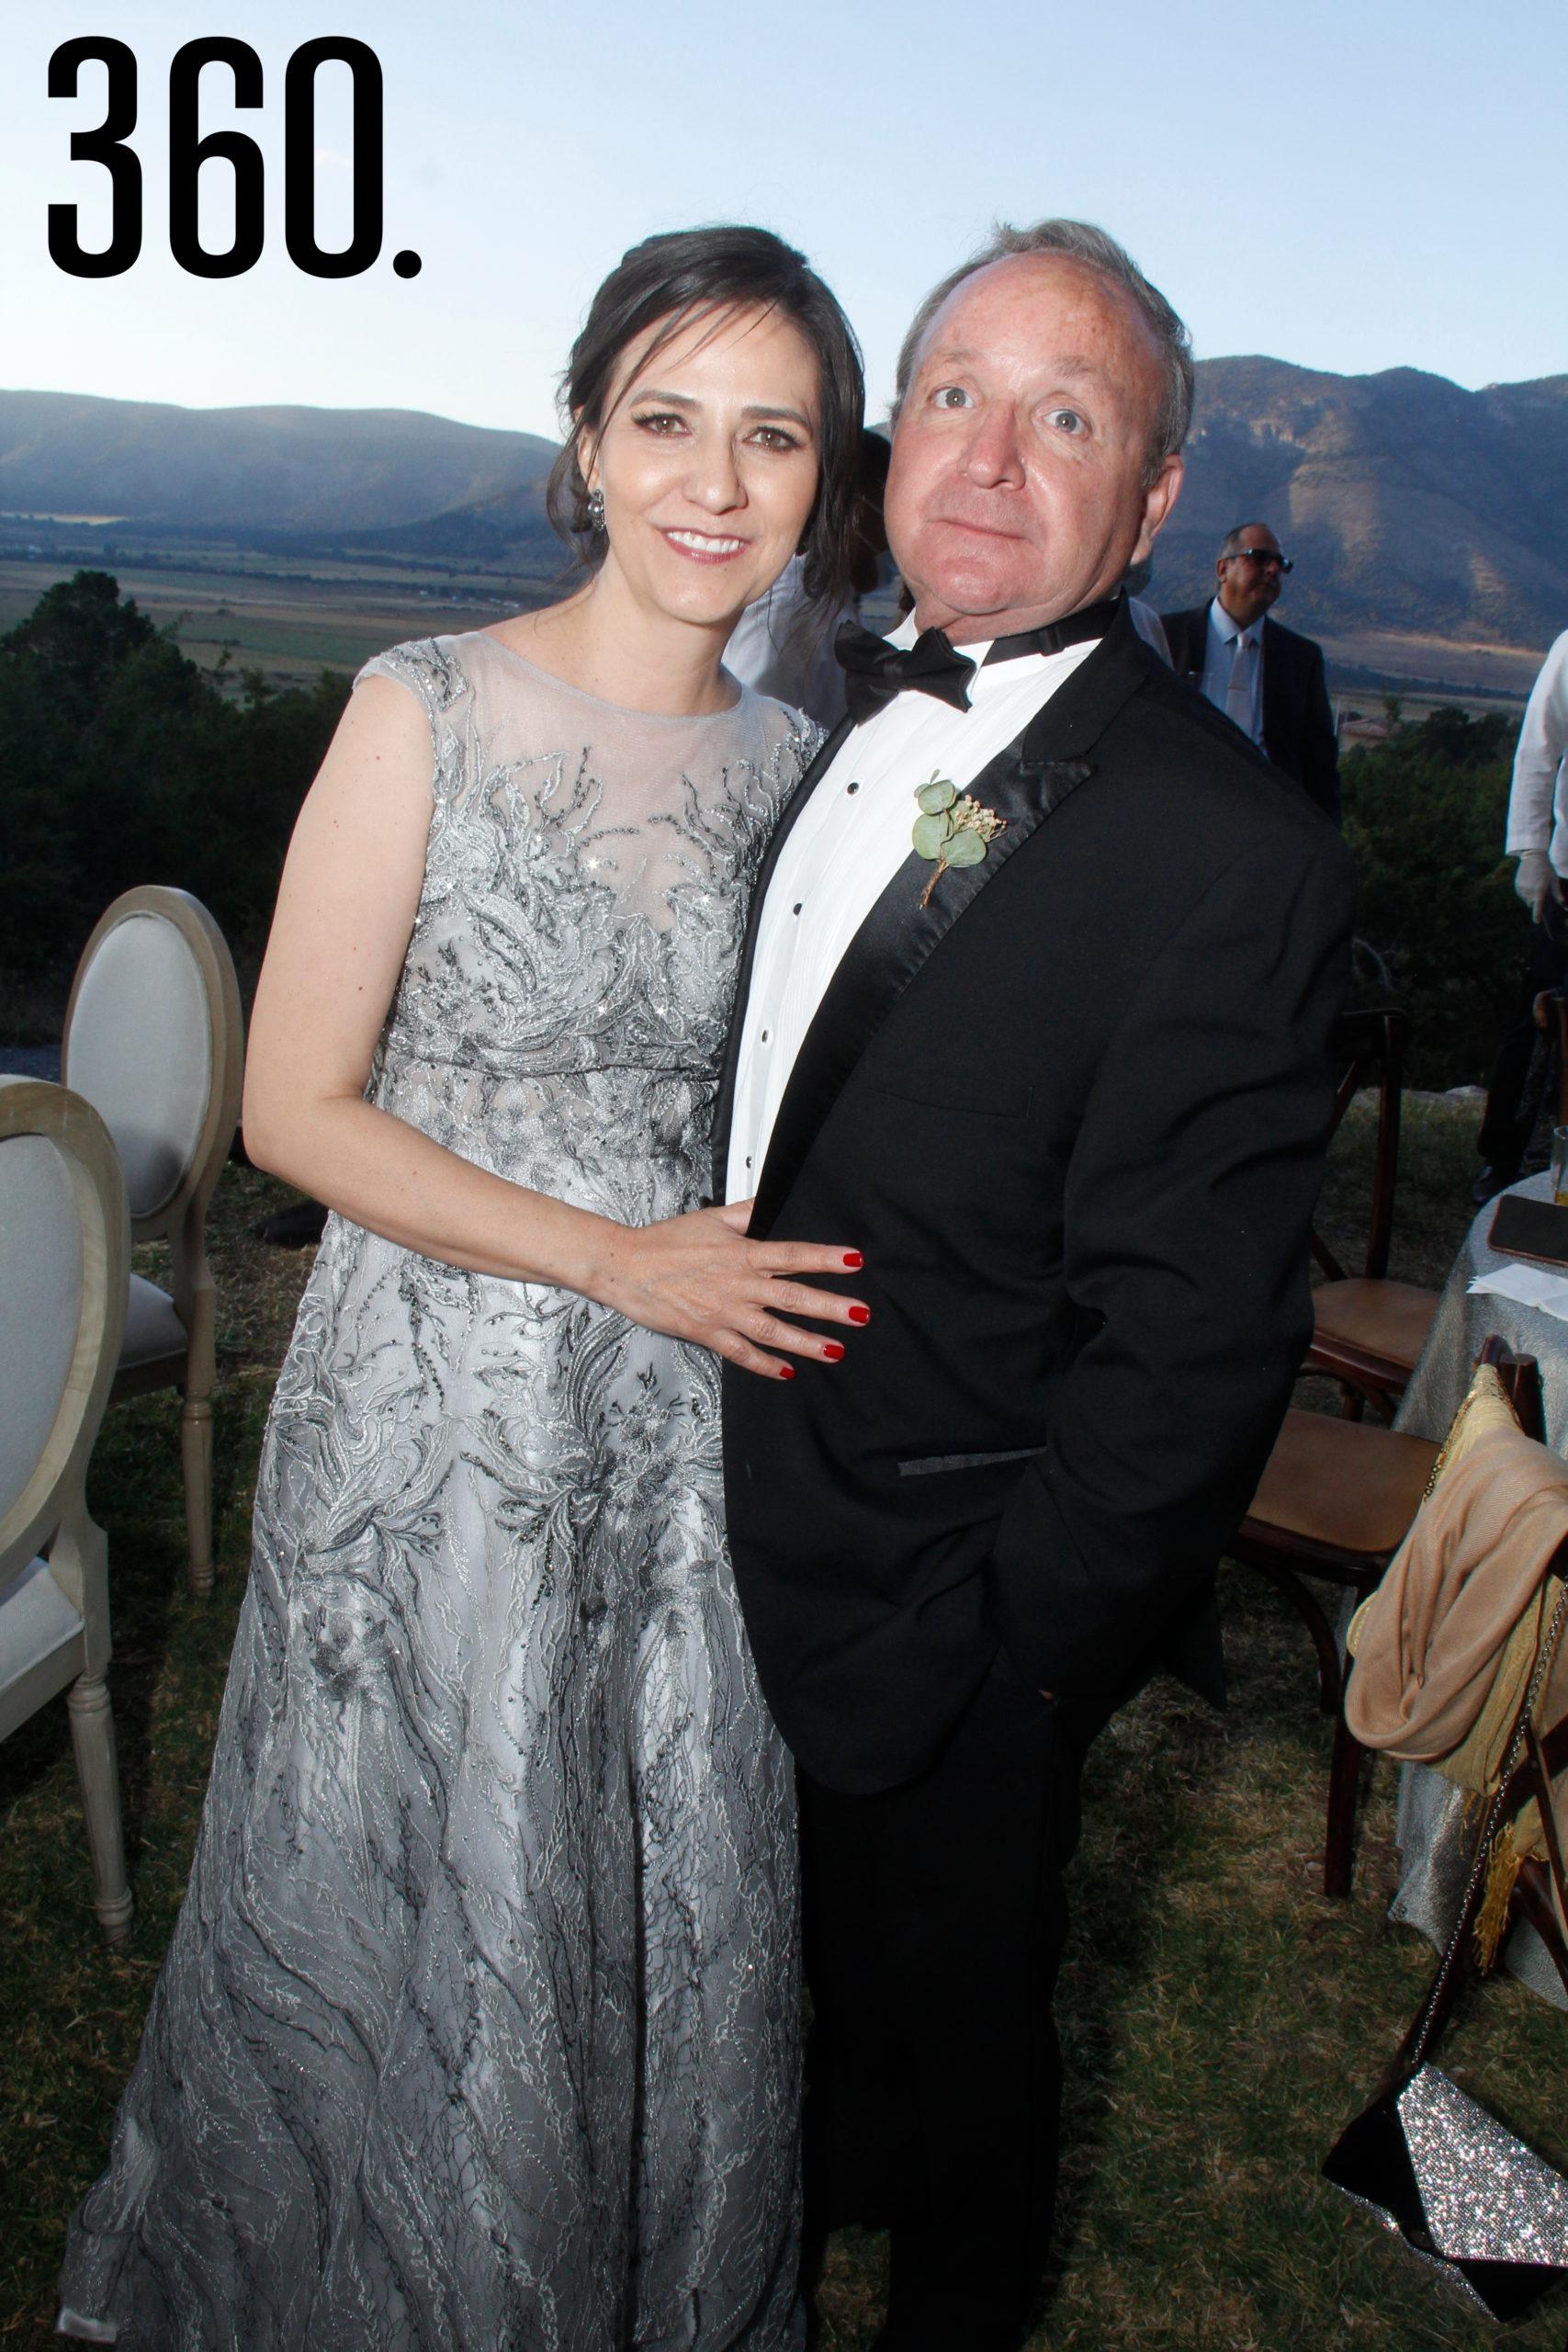 Jorge Alberto Castro Flores y Gabriela Alejandra Torres Villarreal, padres del novio.